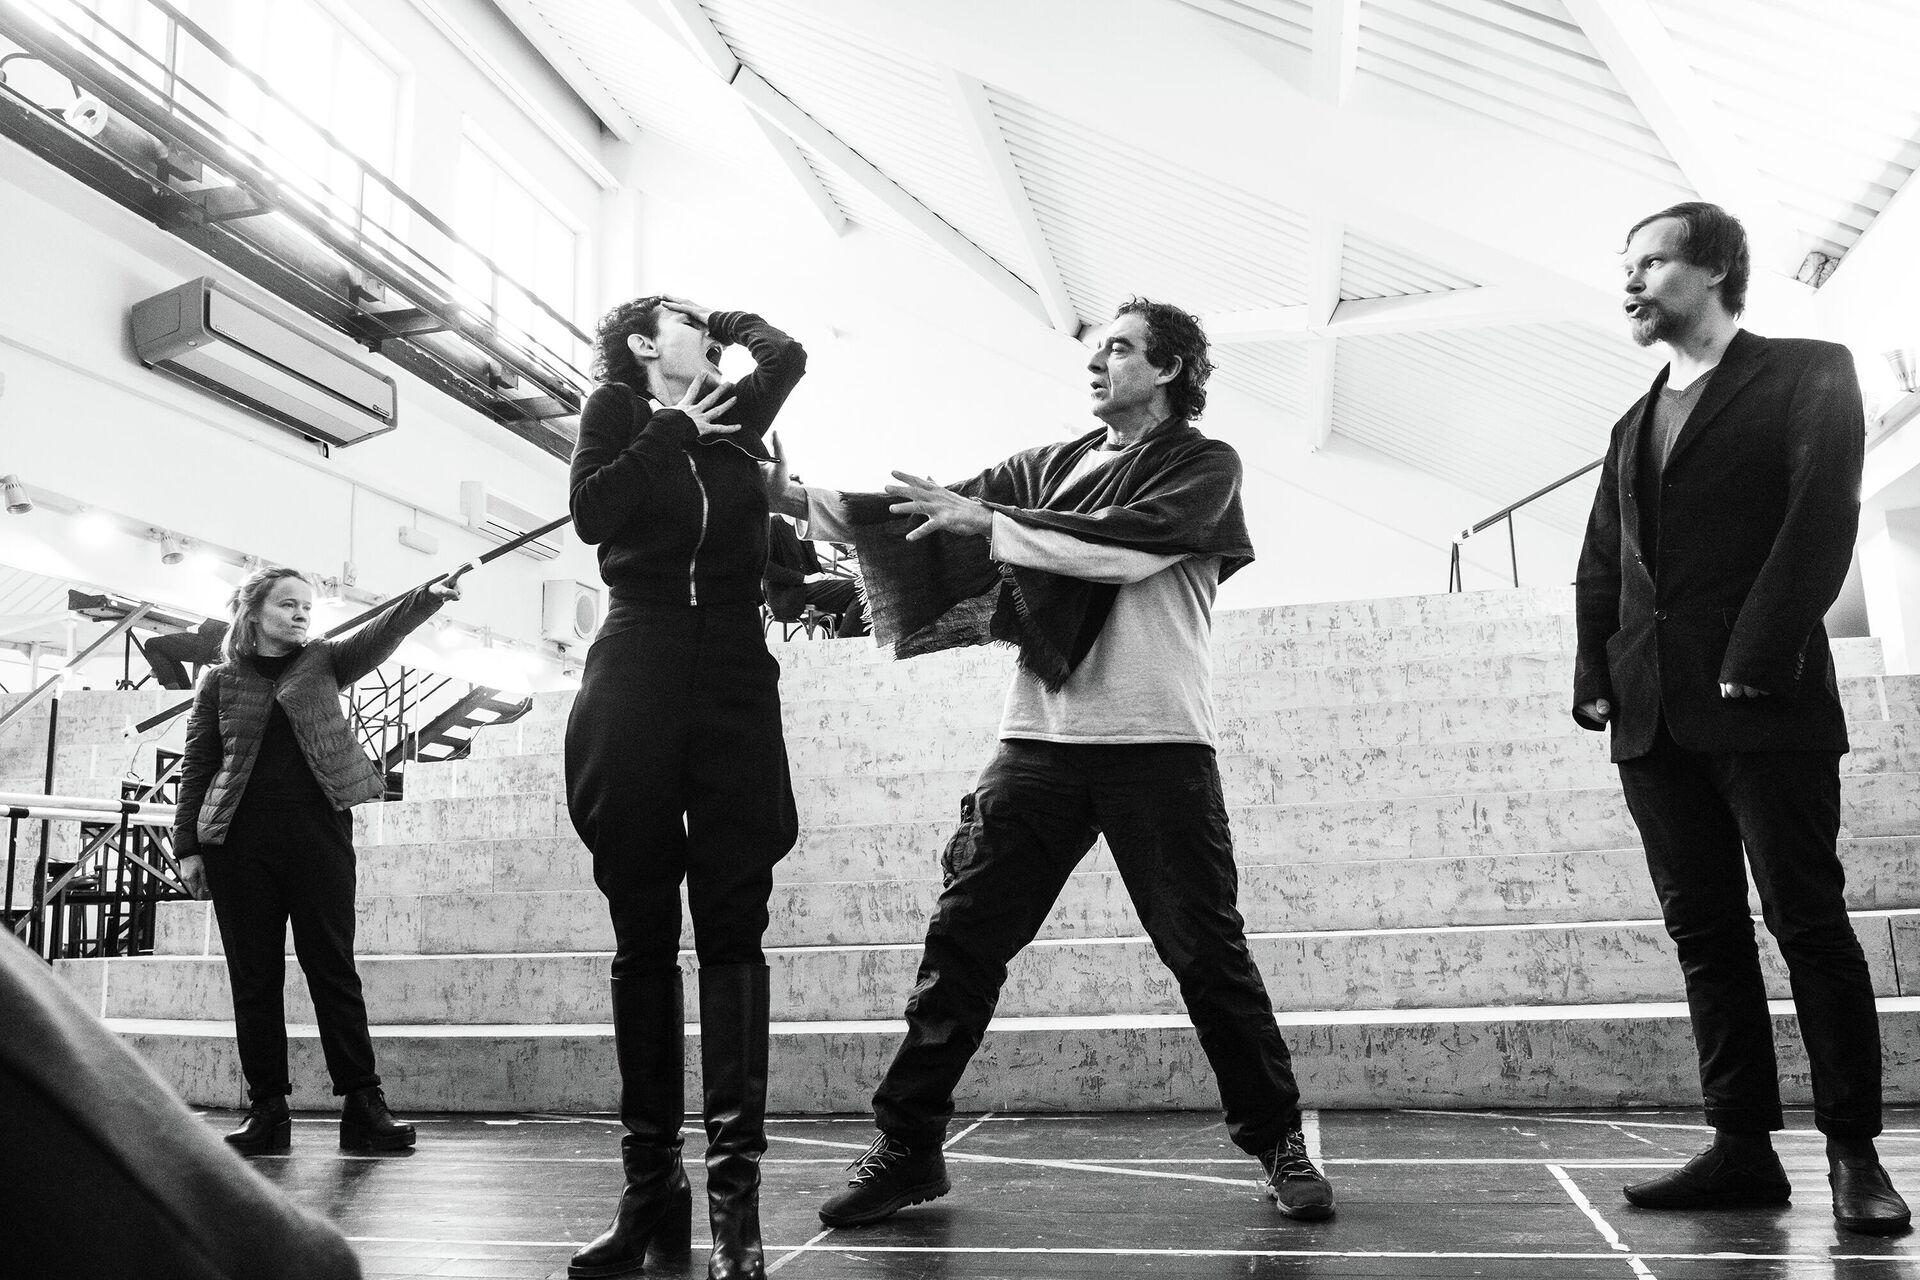 Спектакль Вишневый сад. Комедия - РИА Новости, 1920, 30.03.2021